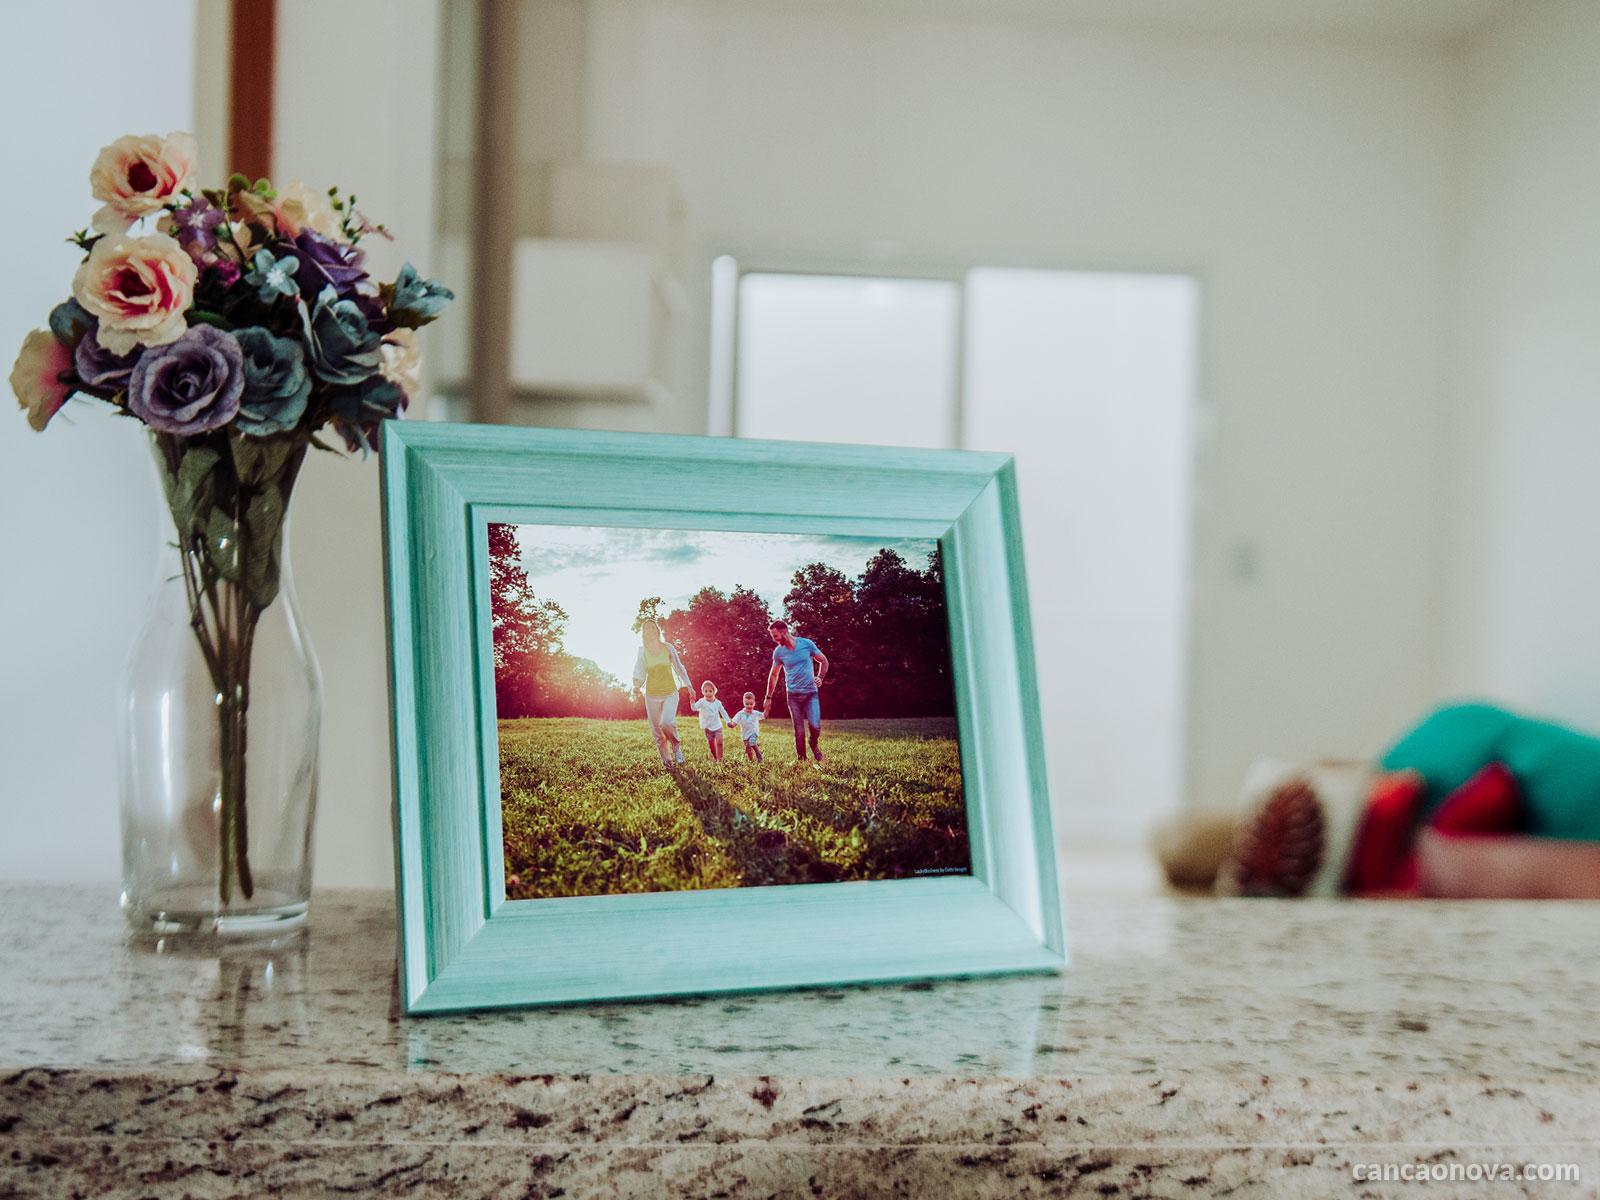 Um olhar concreto sobre as realidades das famílias de hoje